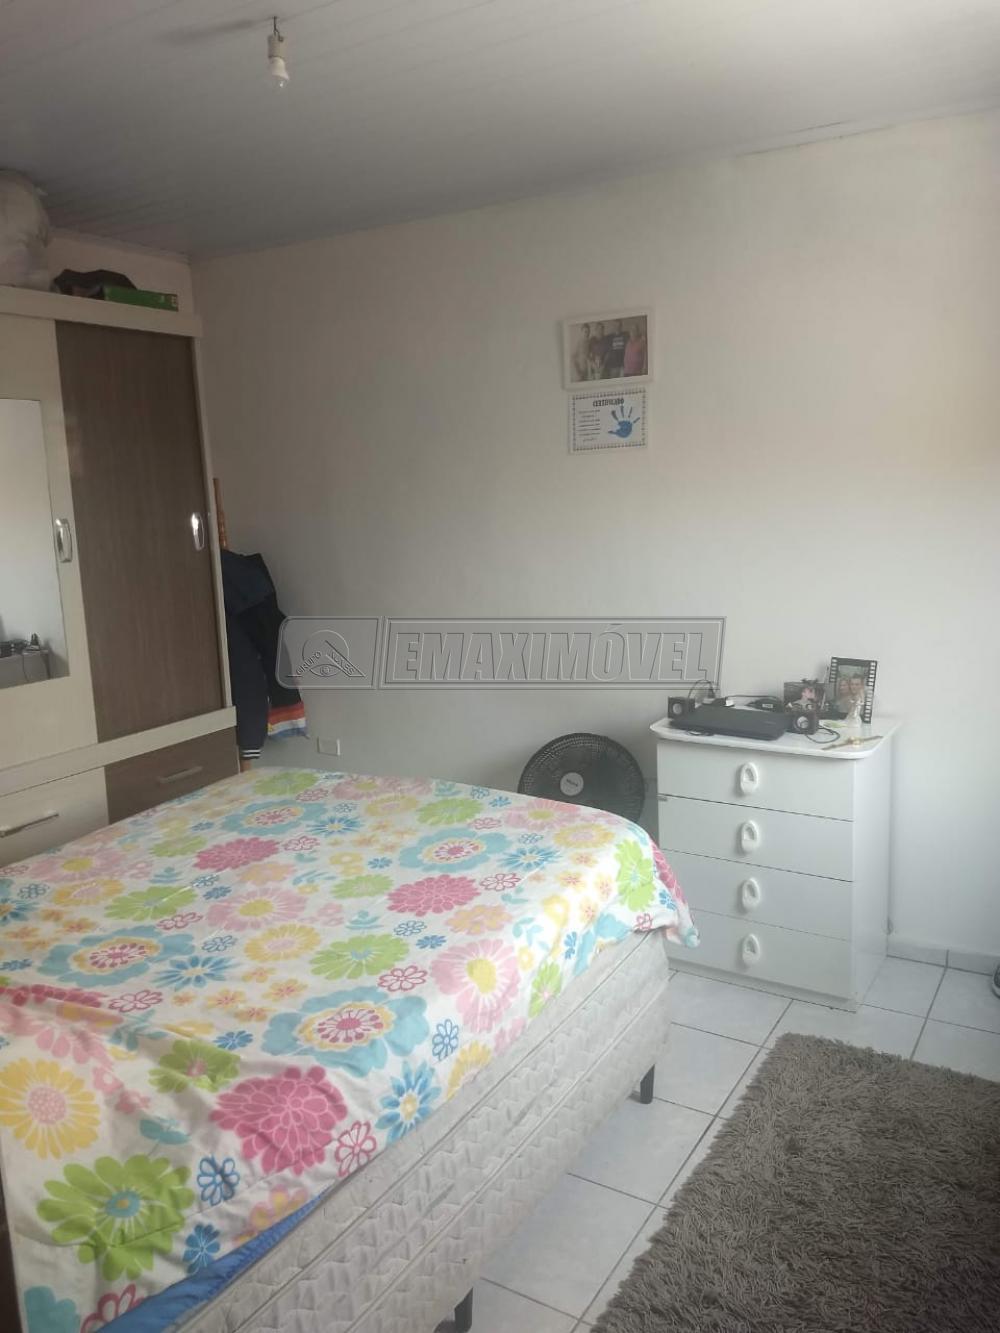 Comprar Casas / em Bairros em Votorantim apenas R$ 245.000,00 - Foto 12